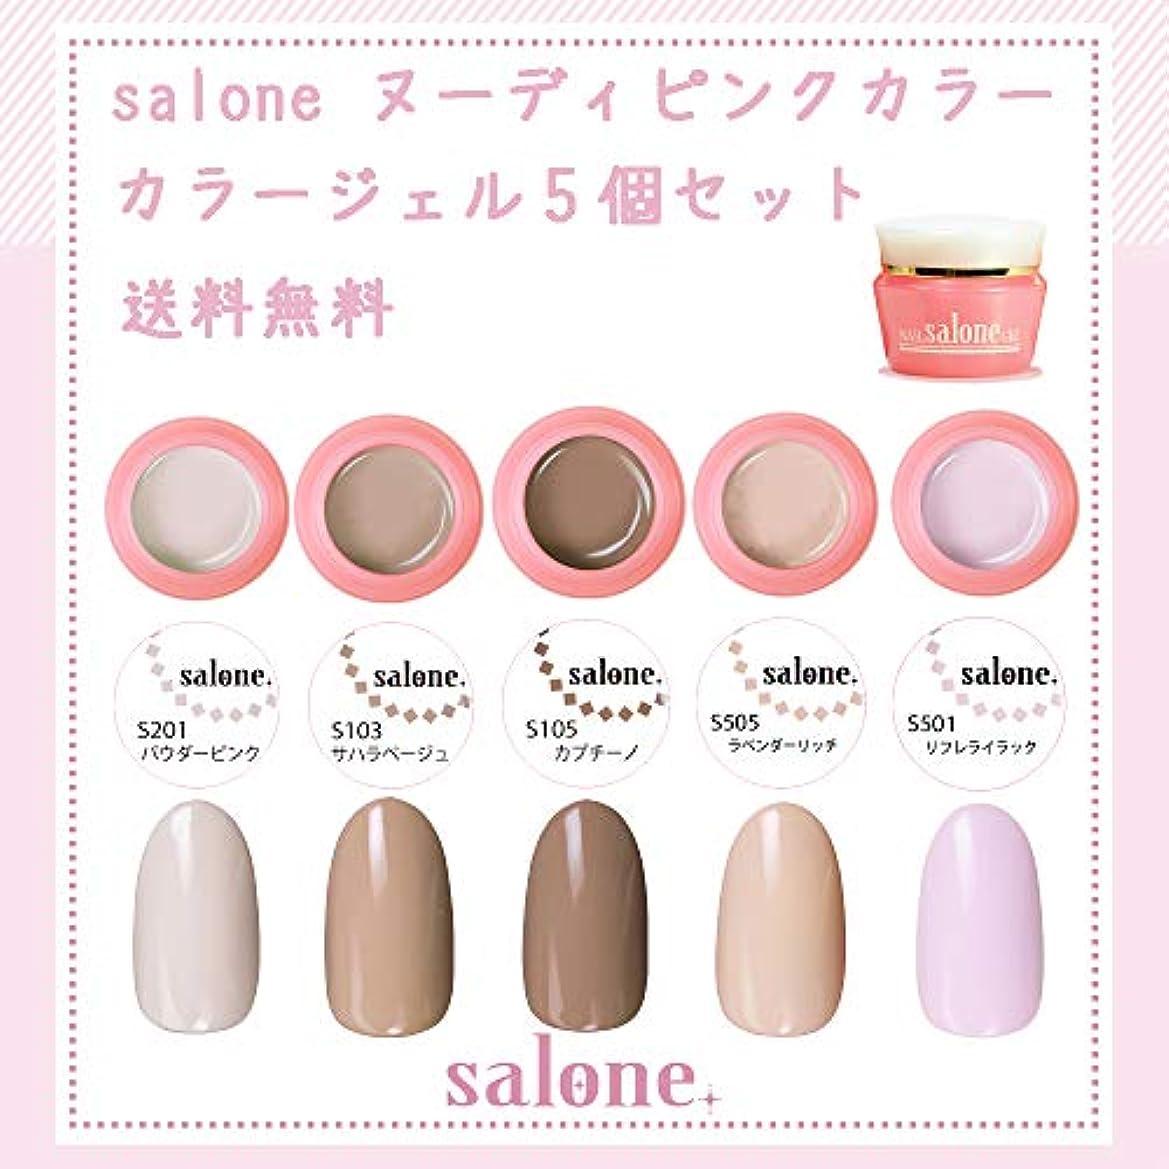 避ける代数敬な【送料無料 日本製】Salone ヌーディピンク カラージェル5個セット サロンで人気のピンクベースの肌馴染みの良い上品なヌーディカラー